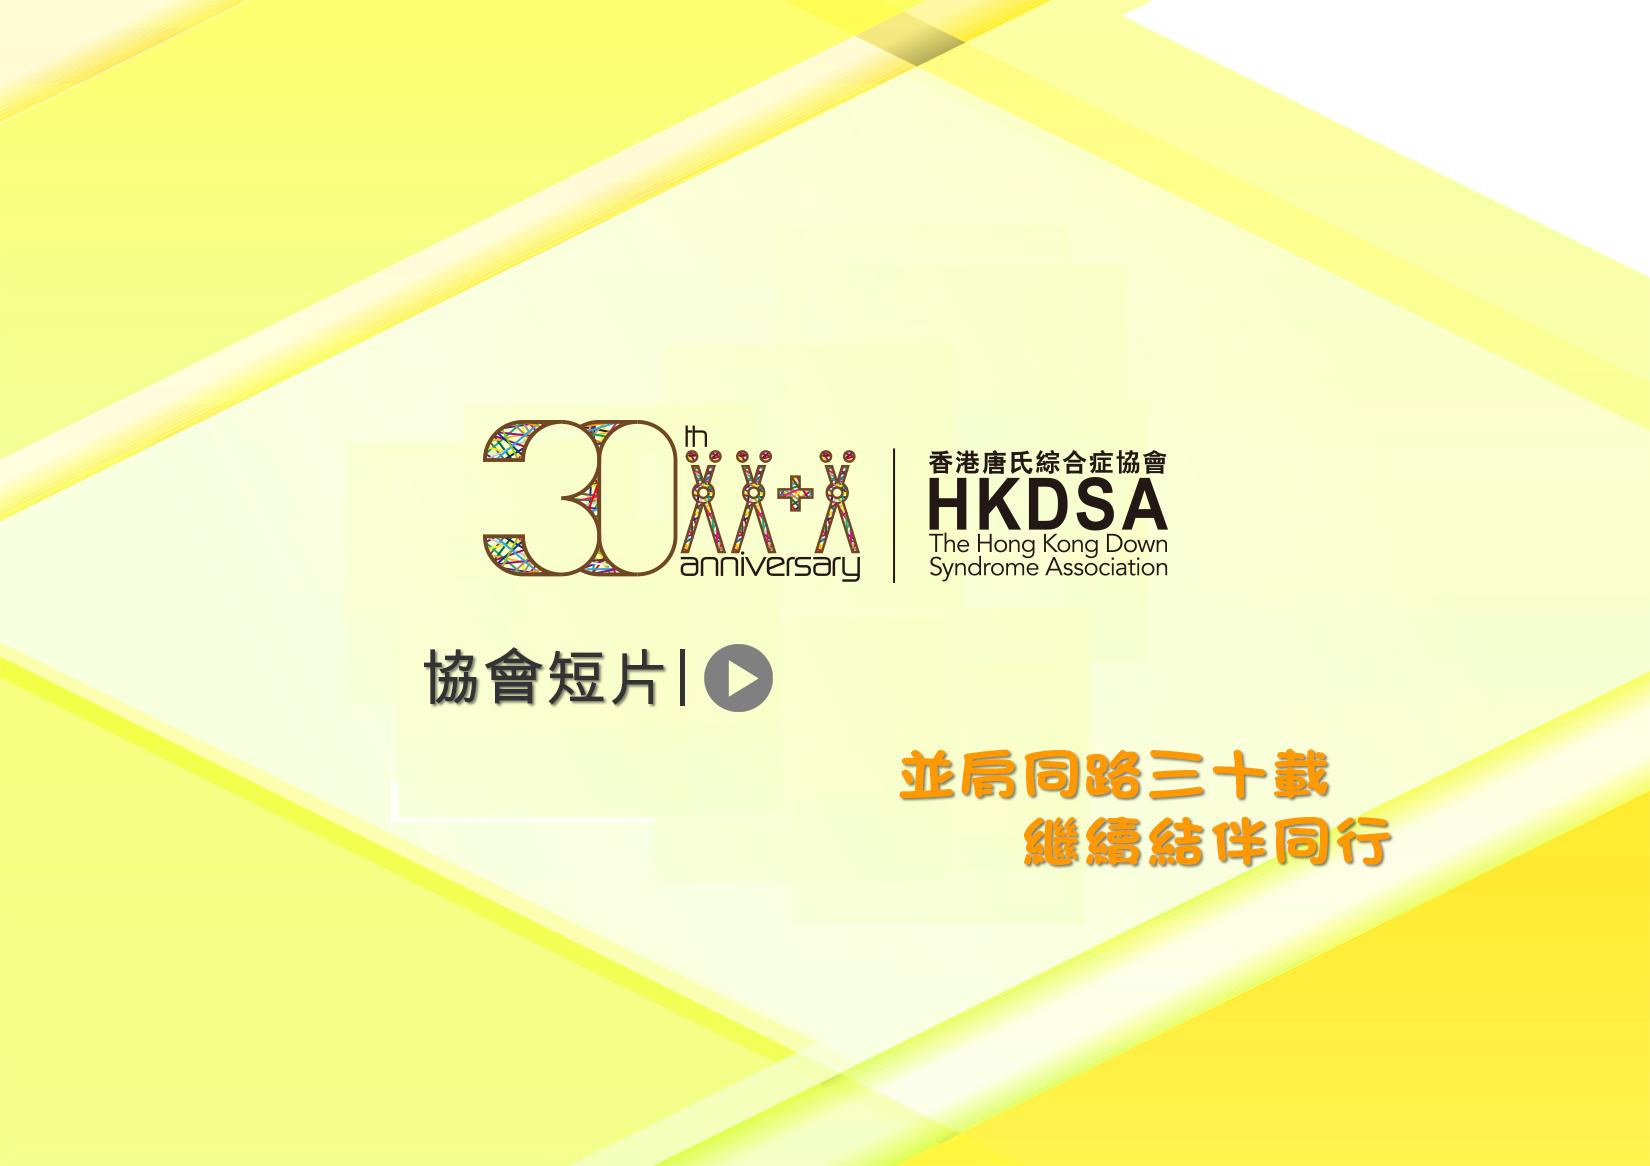 slide0-30ann-logo-ending